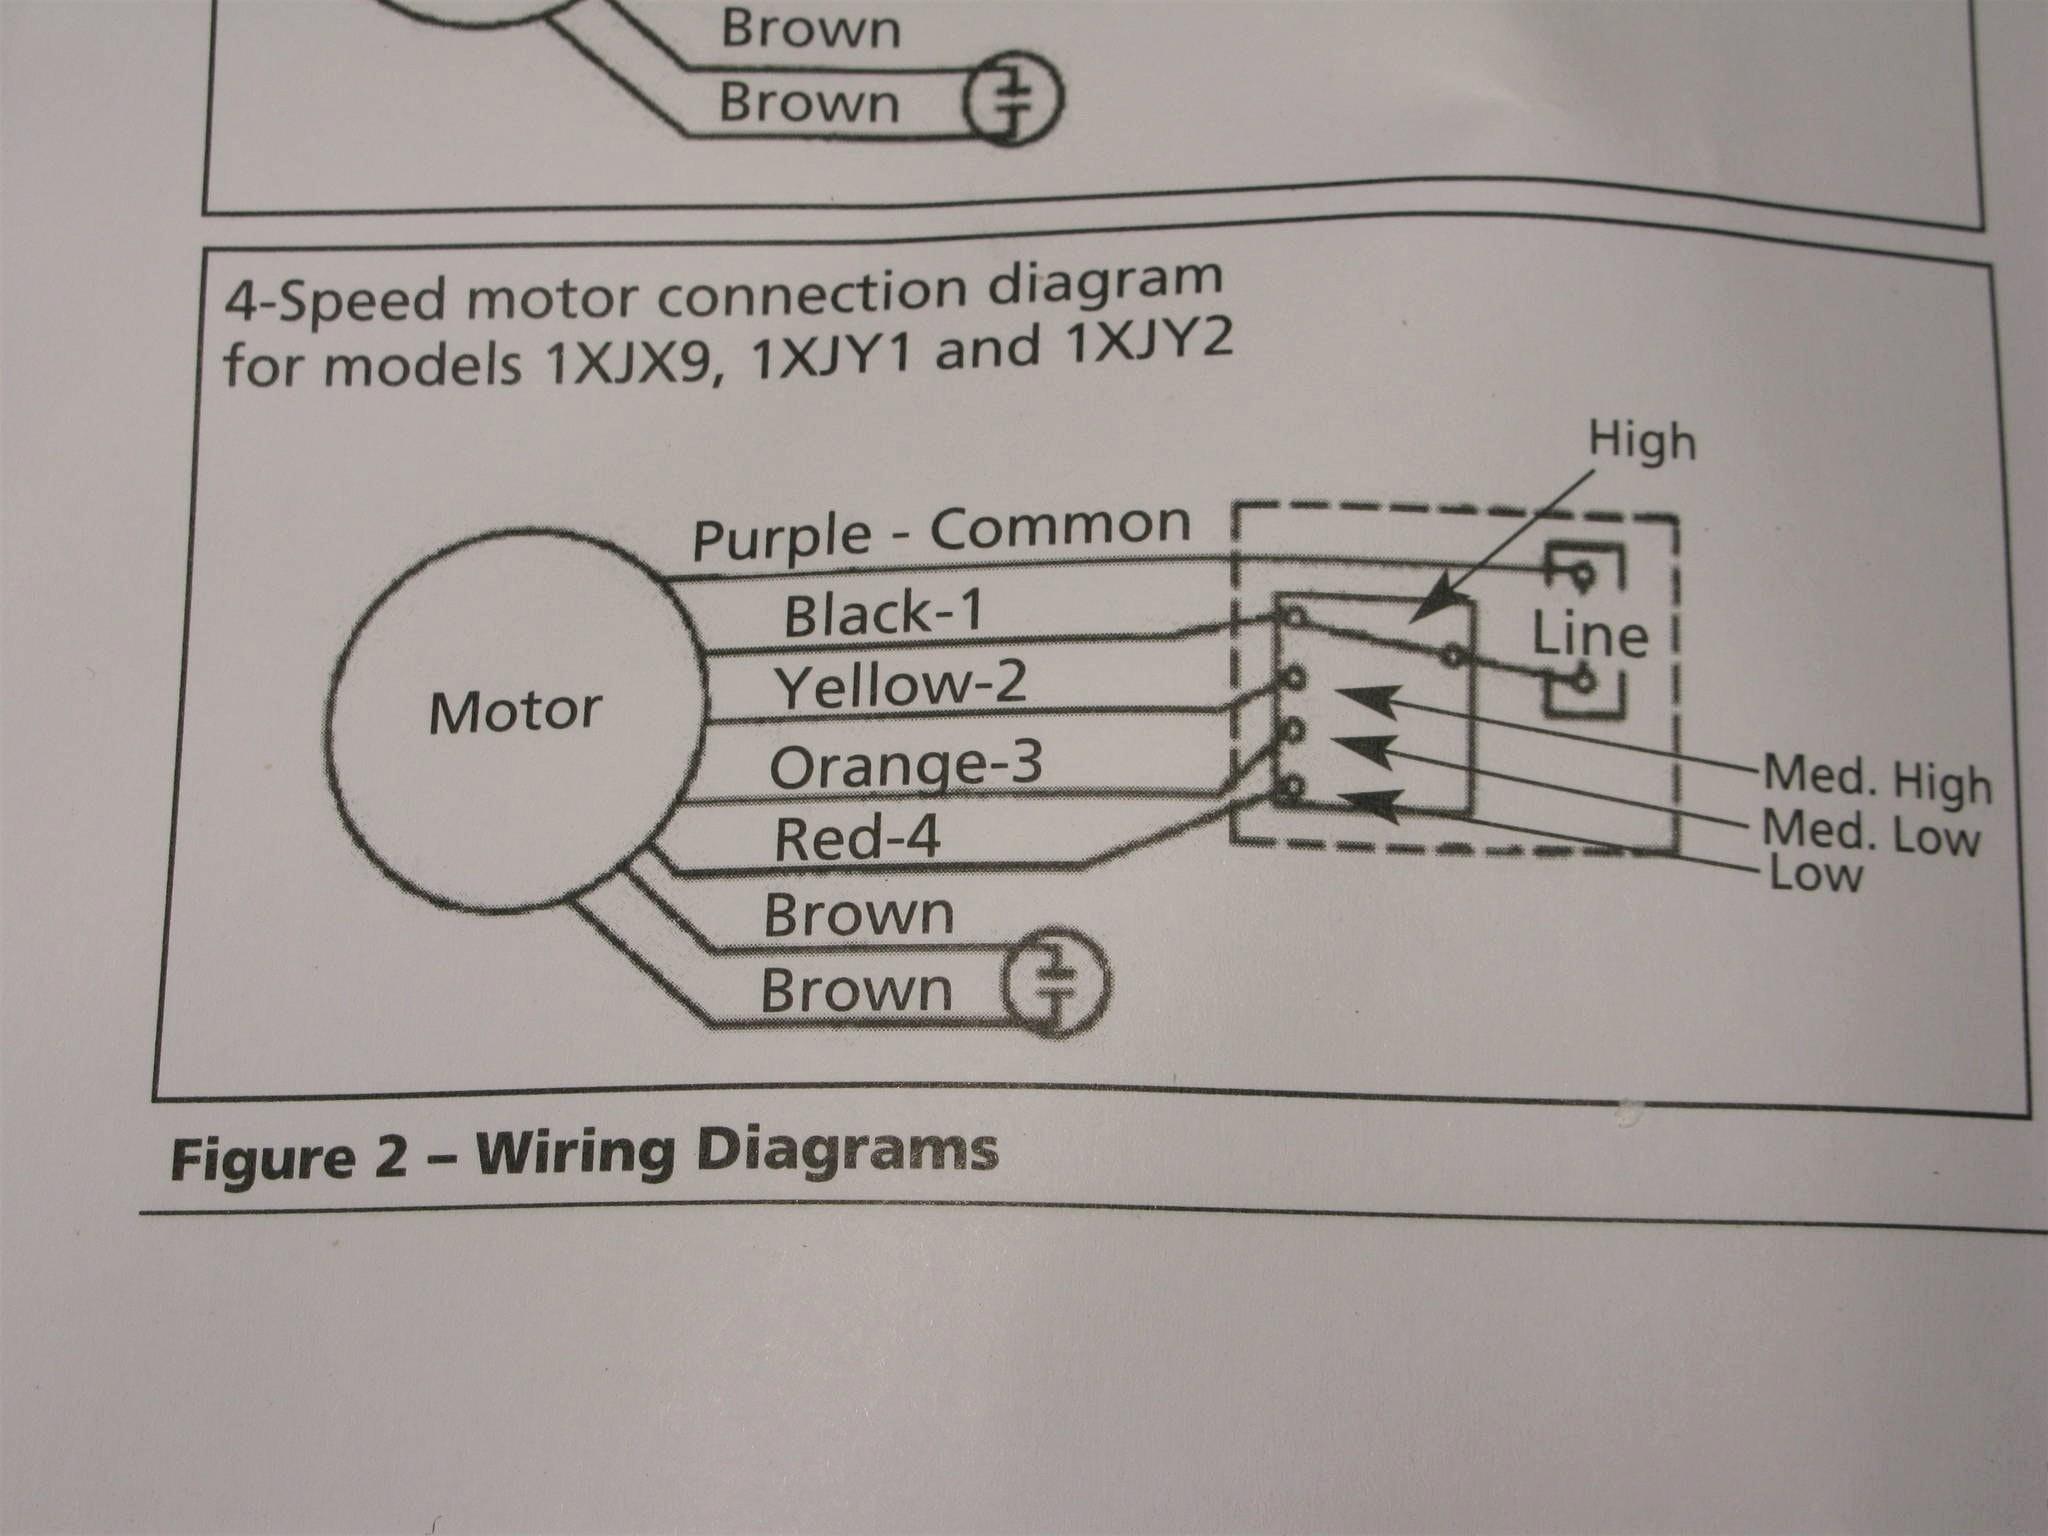 Dayton Gear Motor Wiring Diagram Dayton Electric Motors Wiring Diagram for 120vac Readingrat and Of Dayton Gear Motor Wiring Diagram